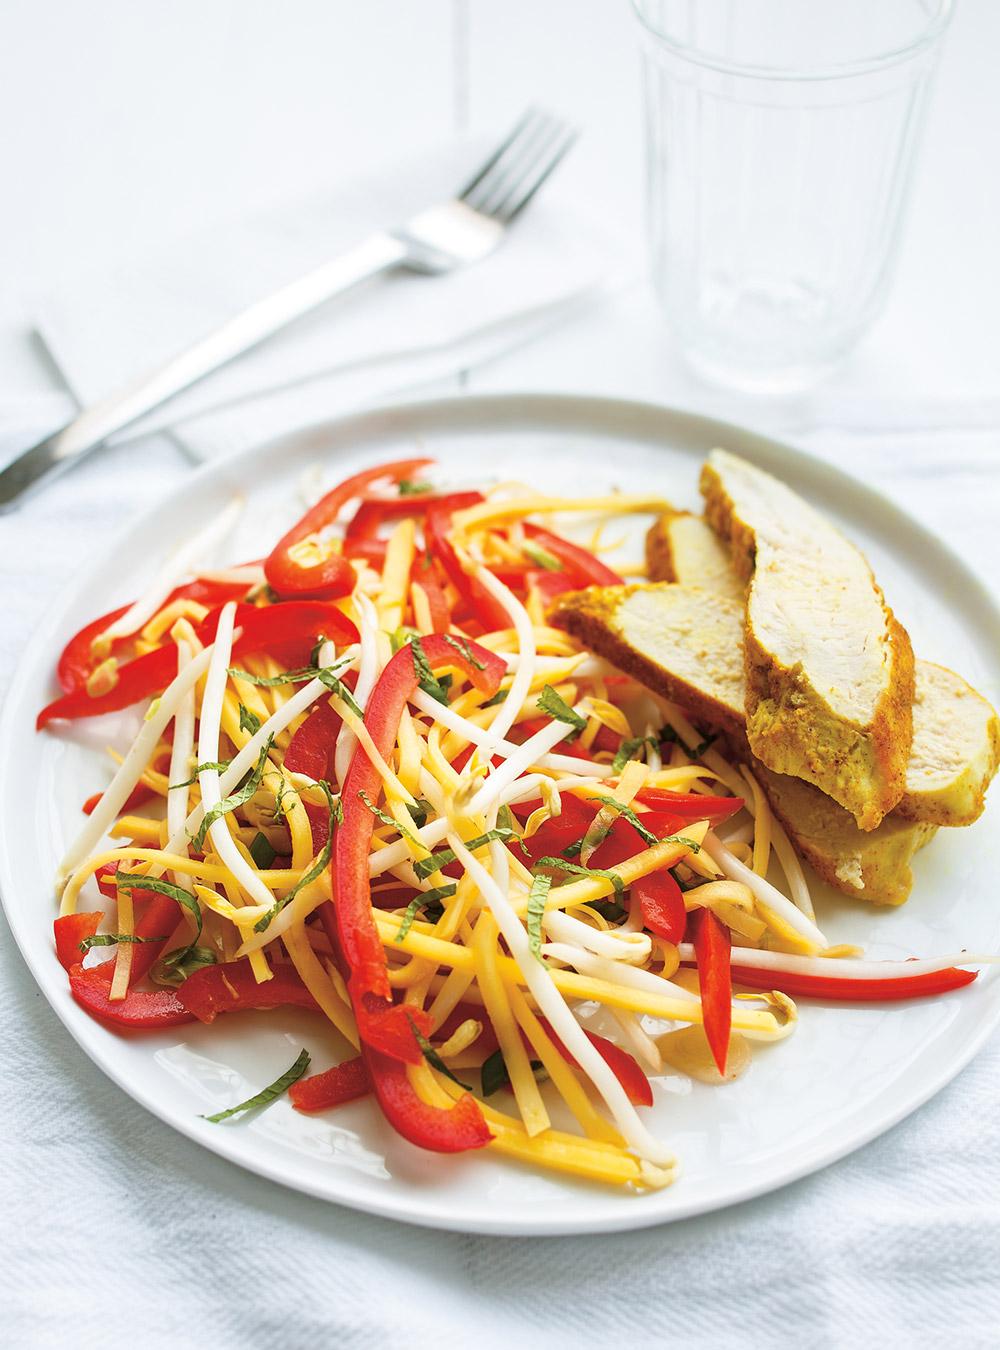 Salade de mangue verte et poulet au cari | ricardo